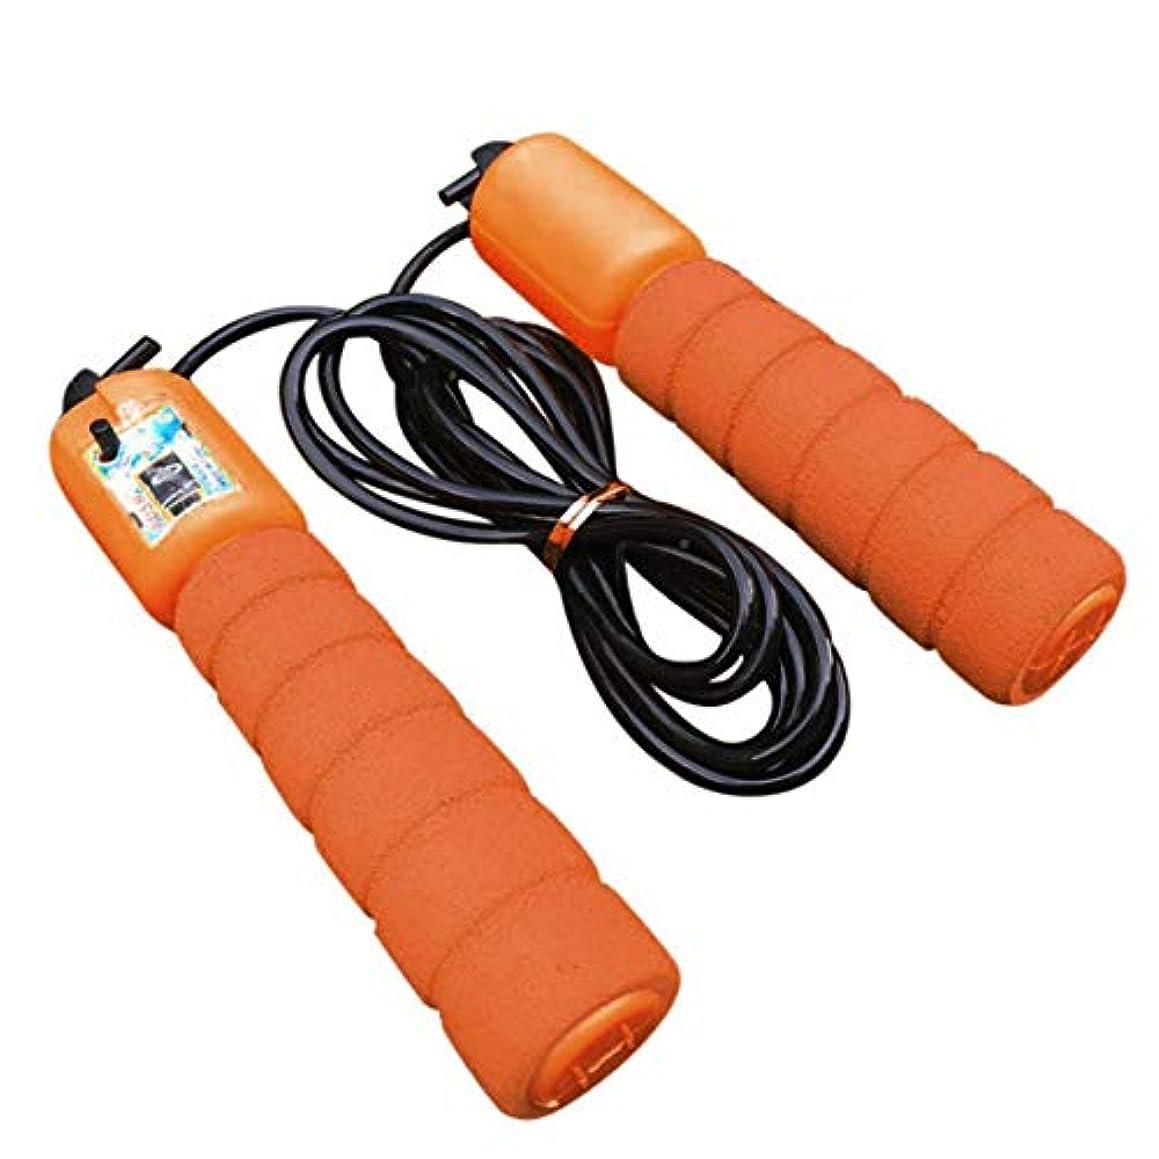 メイドマキシムスクレーパー調整可能なプロのカウント縄跳び自動カウントジャンプロープフィットネス運動高速カウントジャンプロープ - オレンジ